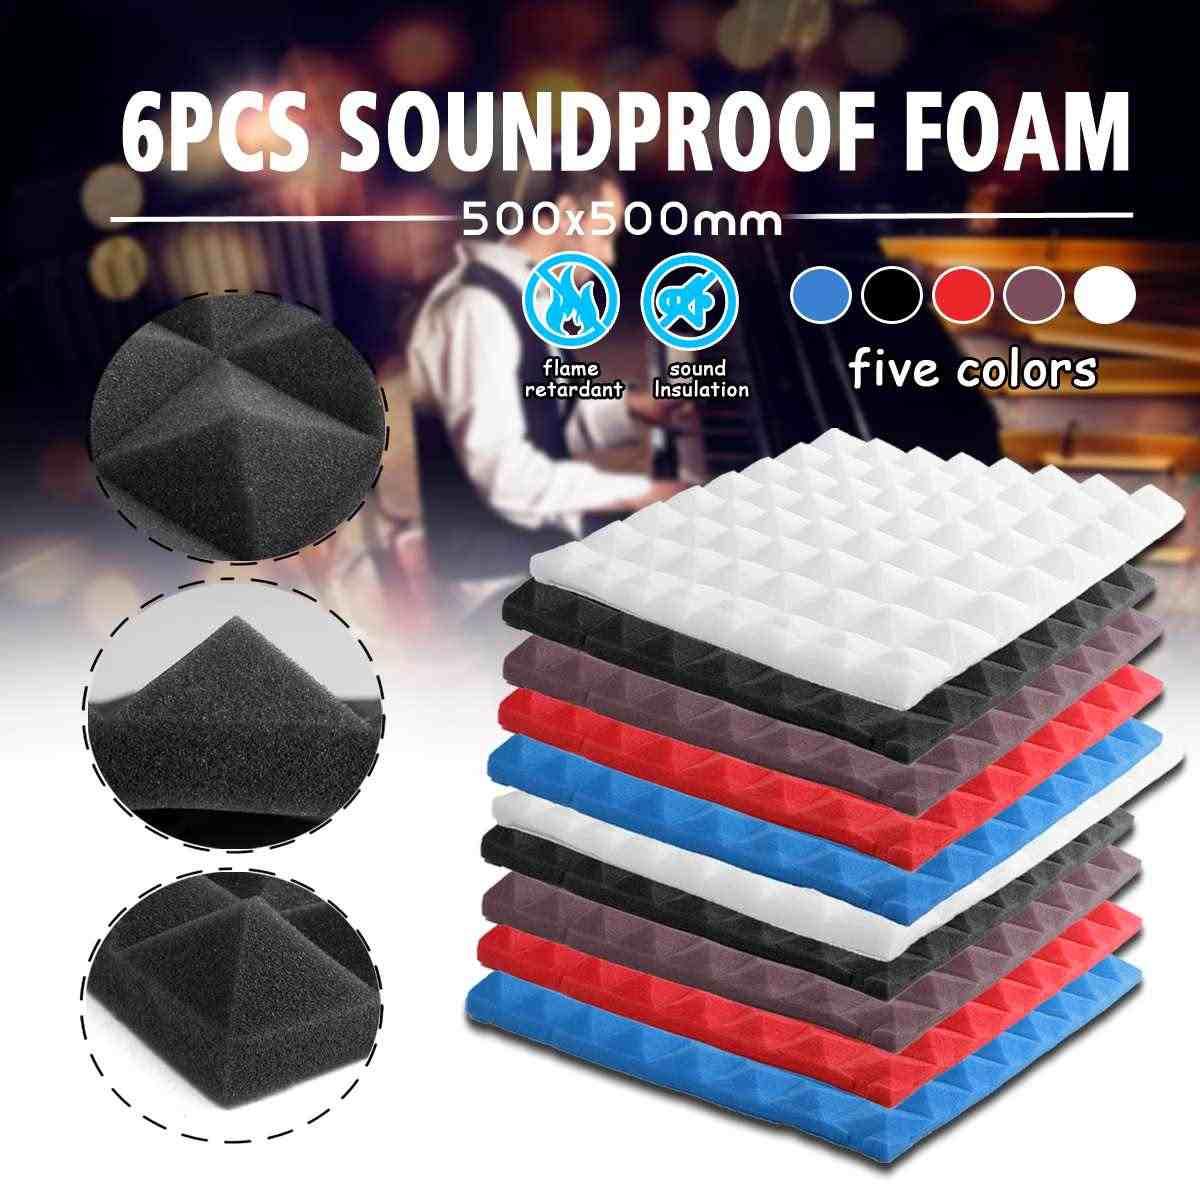 6 шт Звукоизоляционная пена акустическая пена звукопоглощение клиновые плитки пенополиуретан 500x500 мм губка с шумом